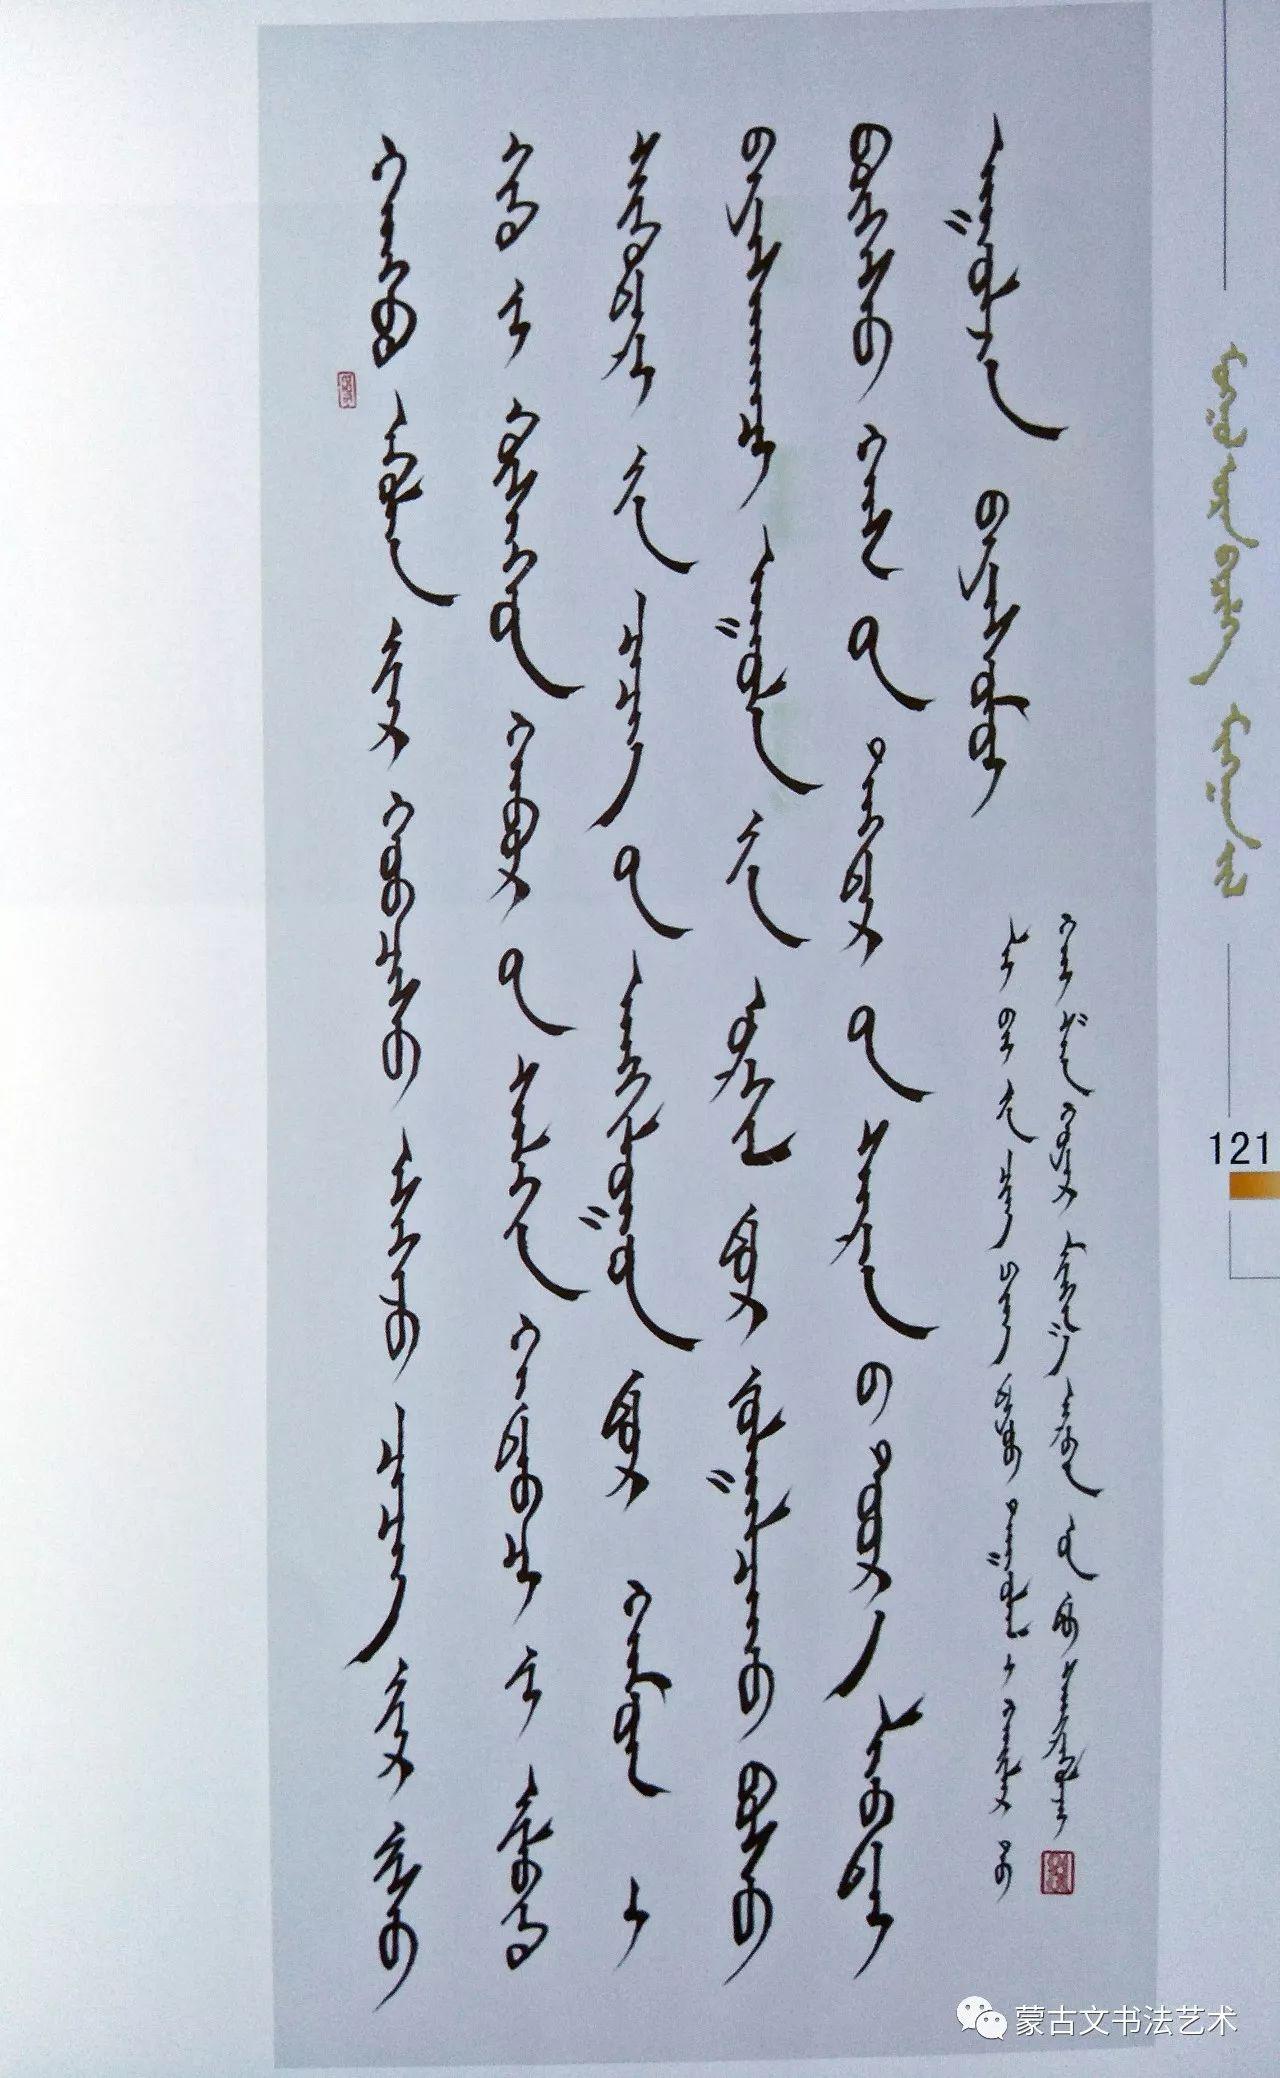 千年蒙古文书法 第6张 千年蒙古文书法 蒙古书法